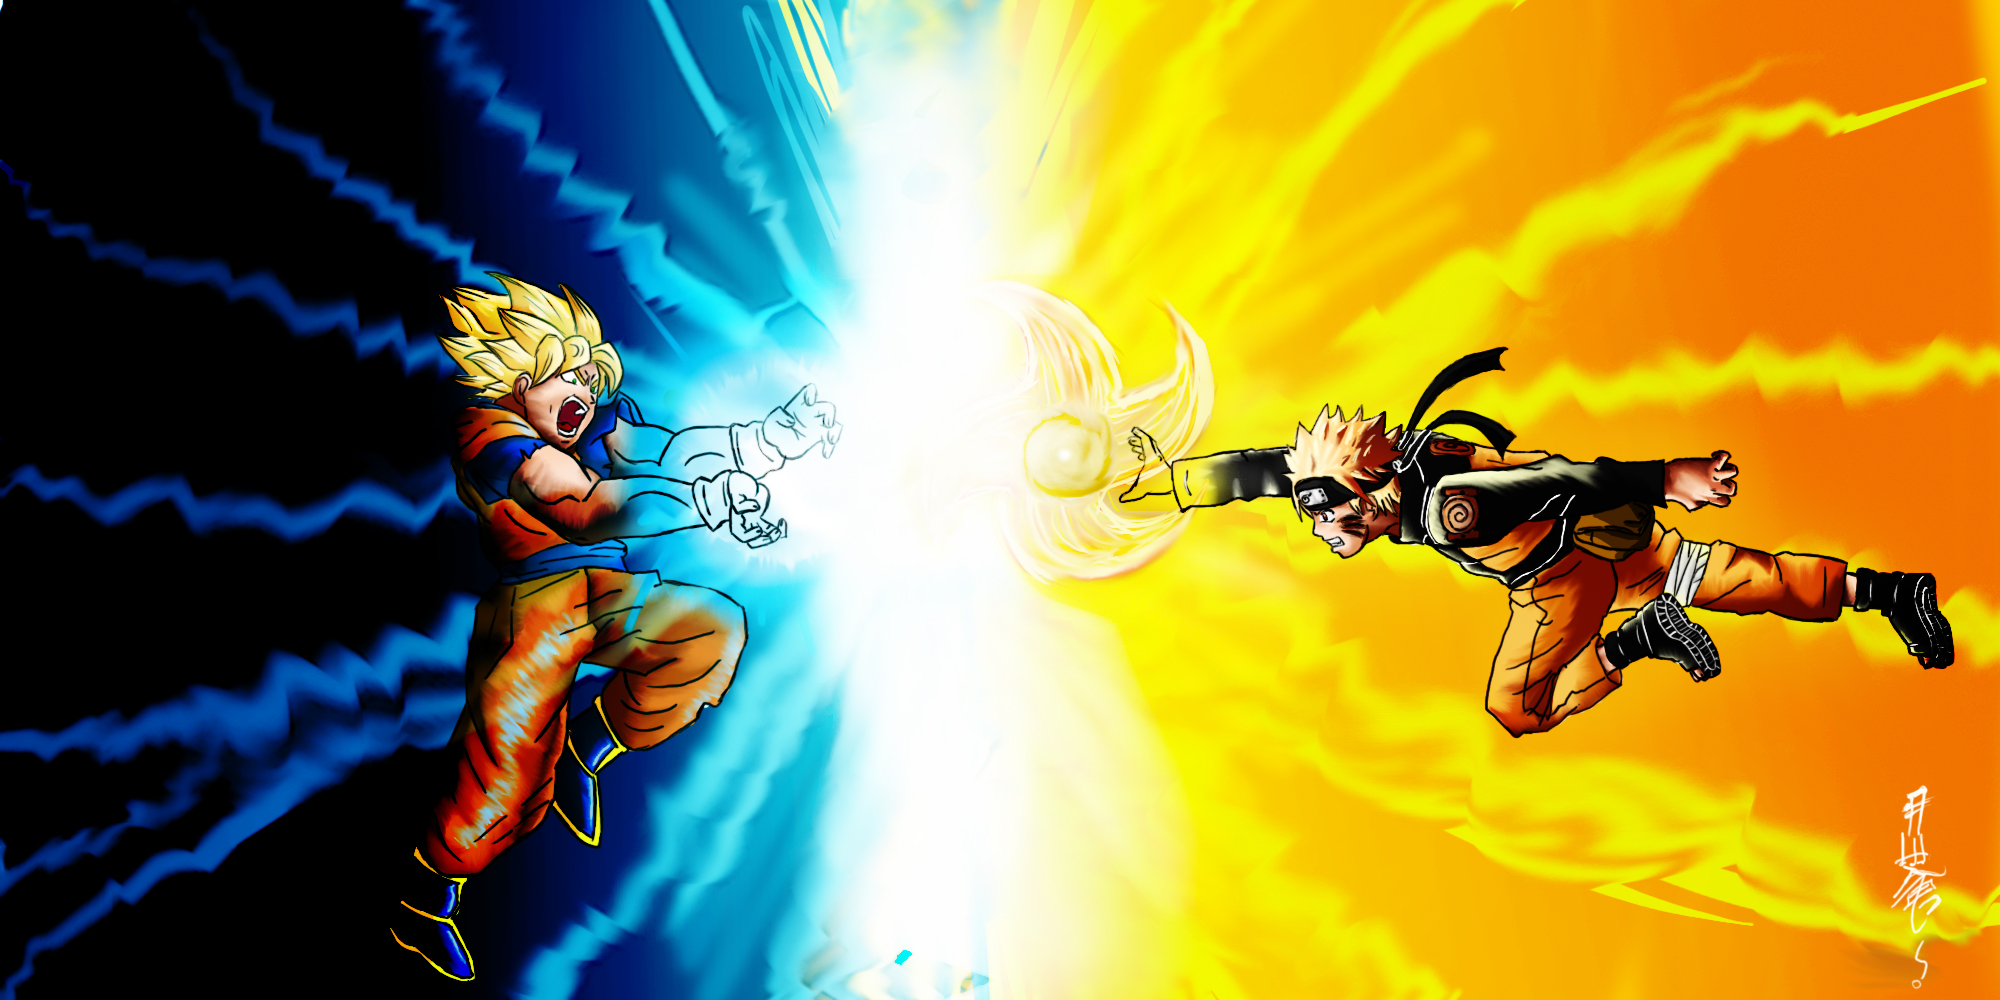 Wallpaper Naruto Vs Goku Naruto Wallpapers 2000x1000